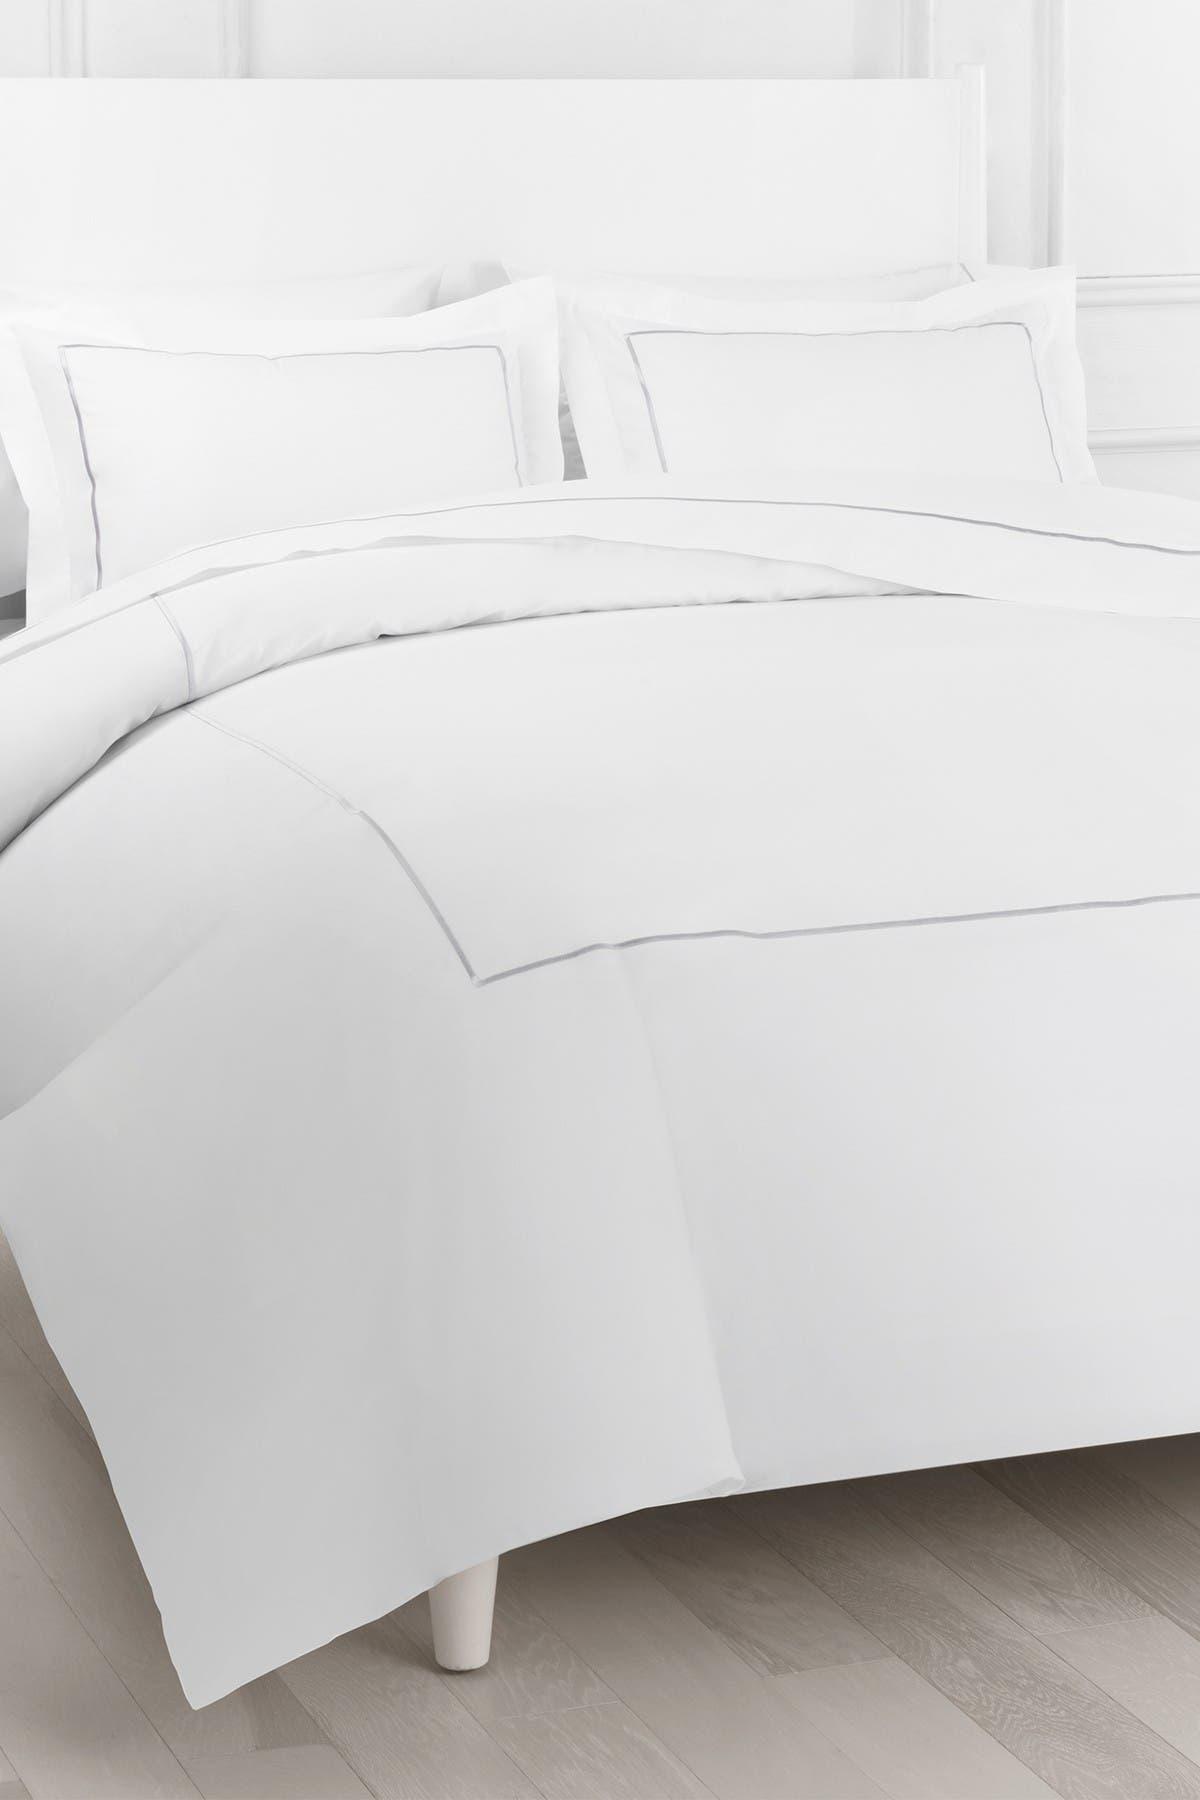 Image of Melange Home Single Marrow Stripe Duvet Set Grey-White Full- Queen Duvet Set